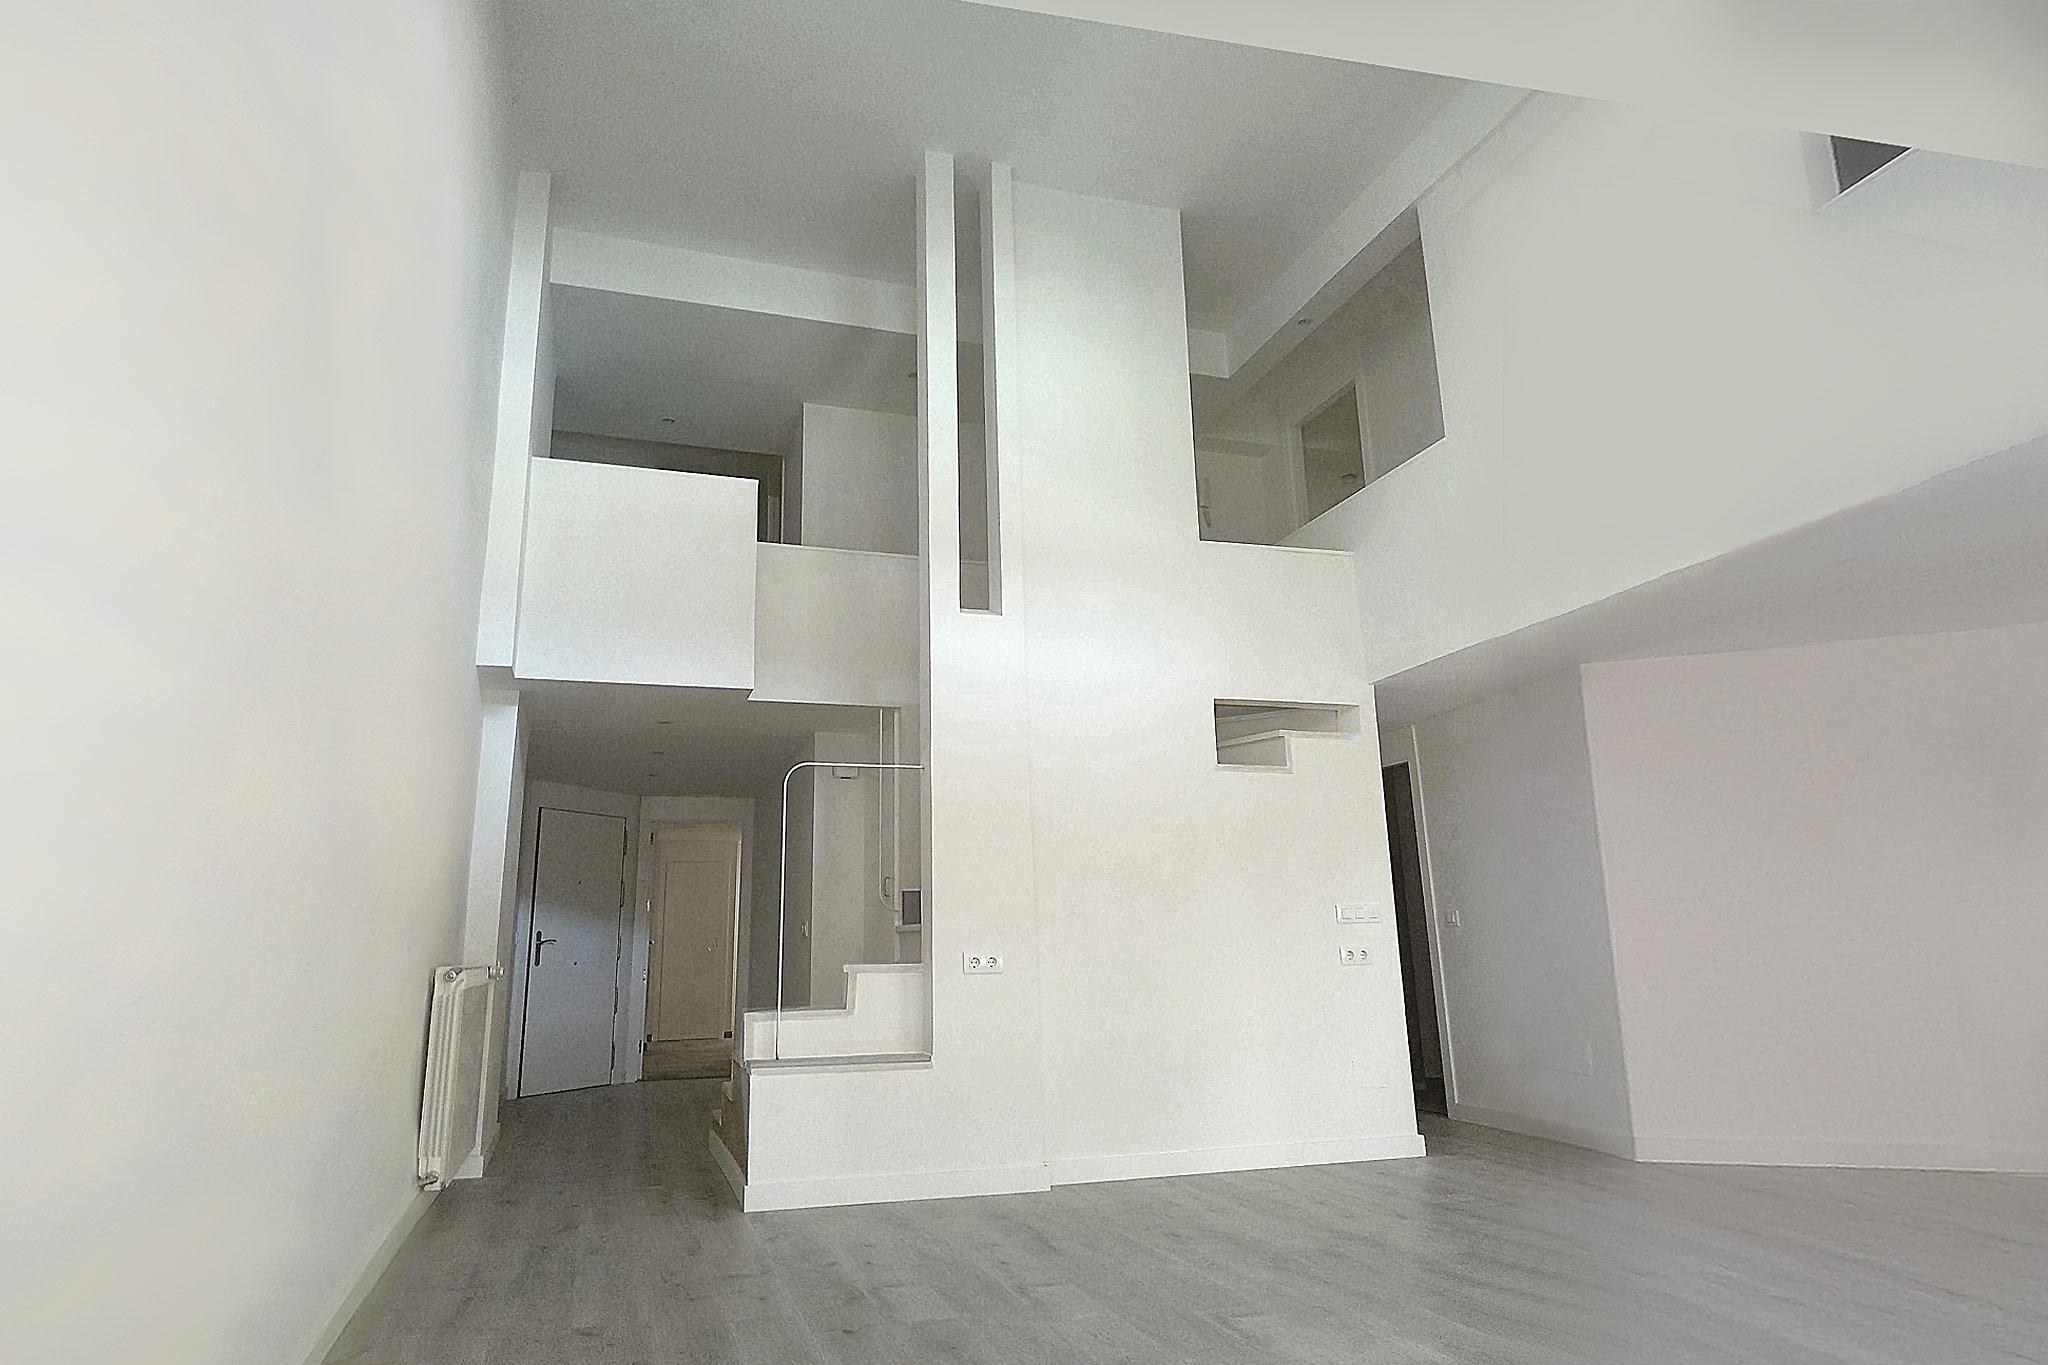 reforma-integral-duplex-retiro-edificio-singular-drekaro